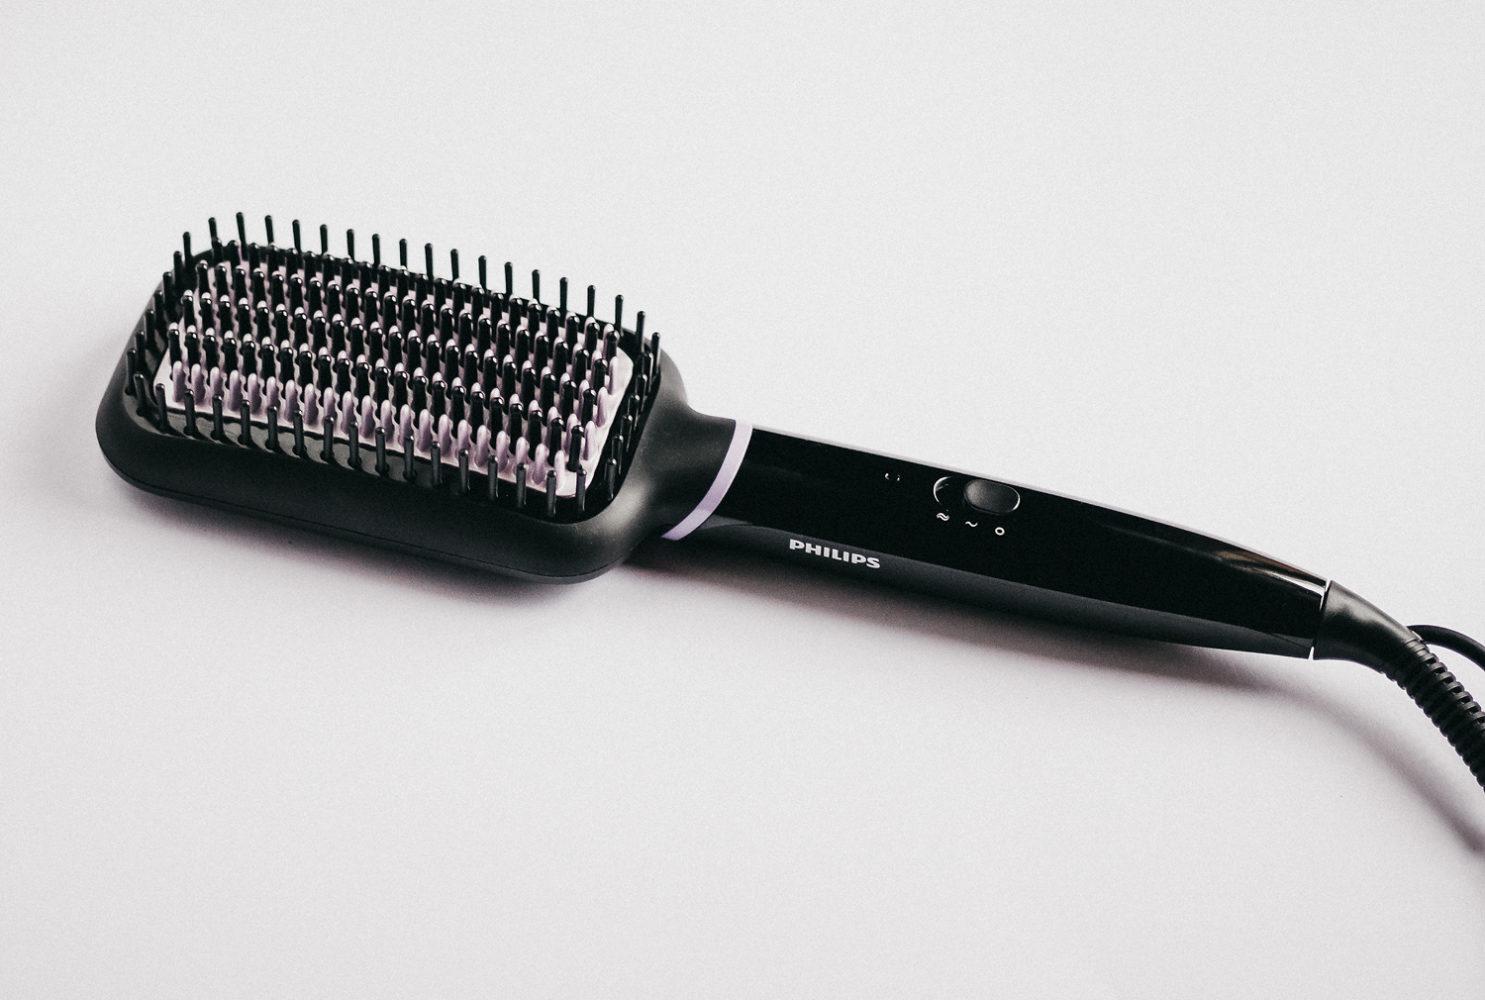 philips hair care plattborste